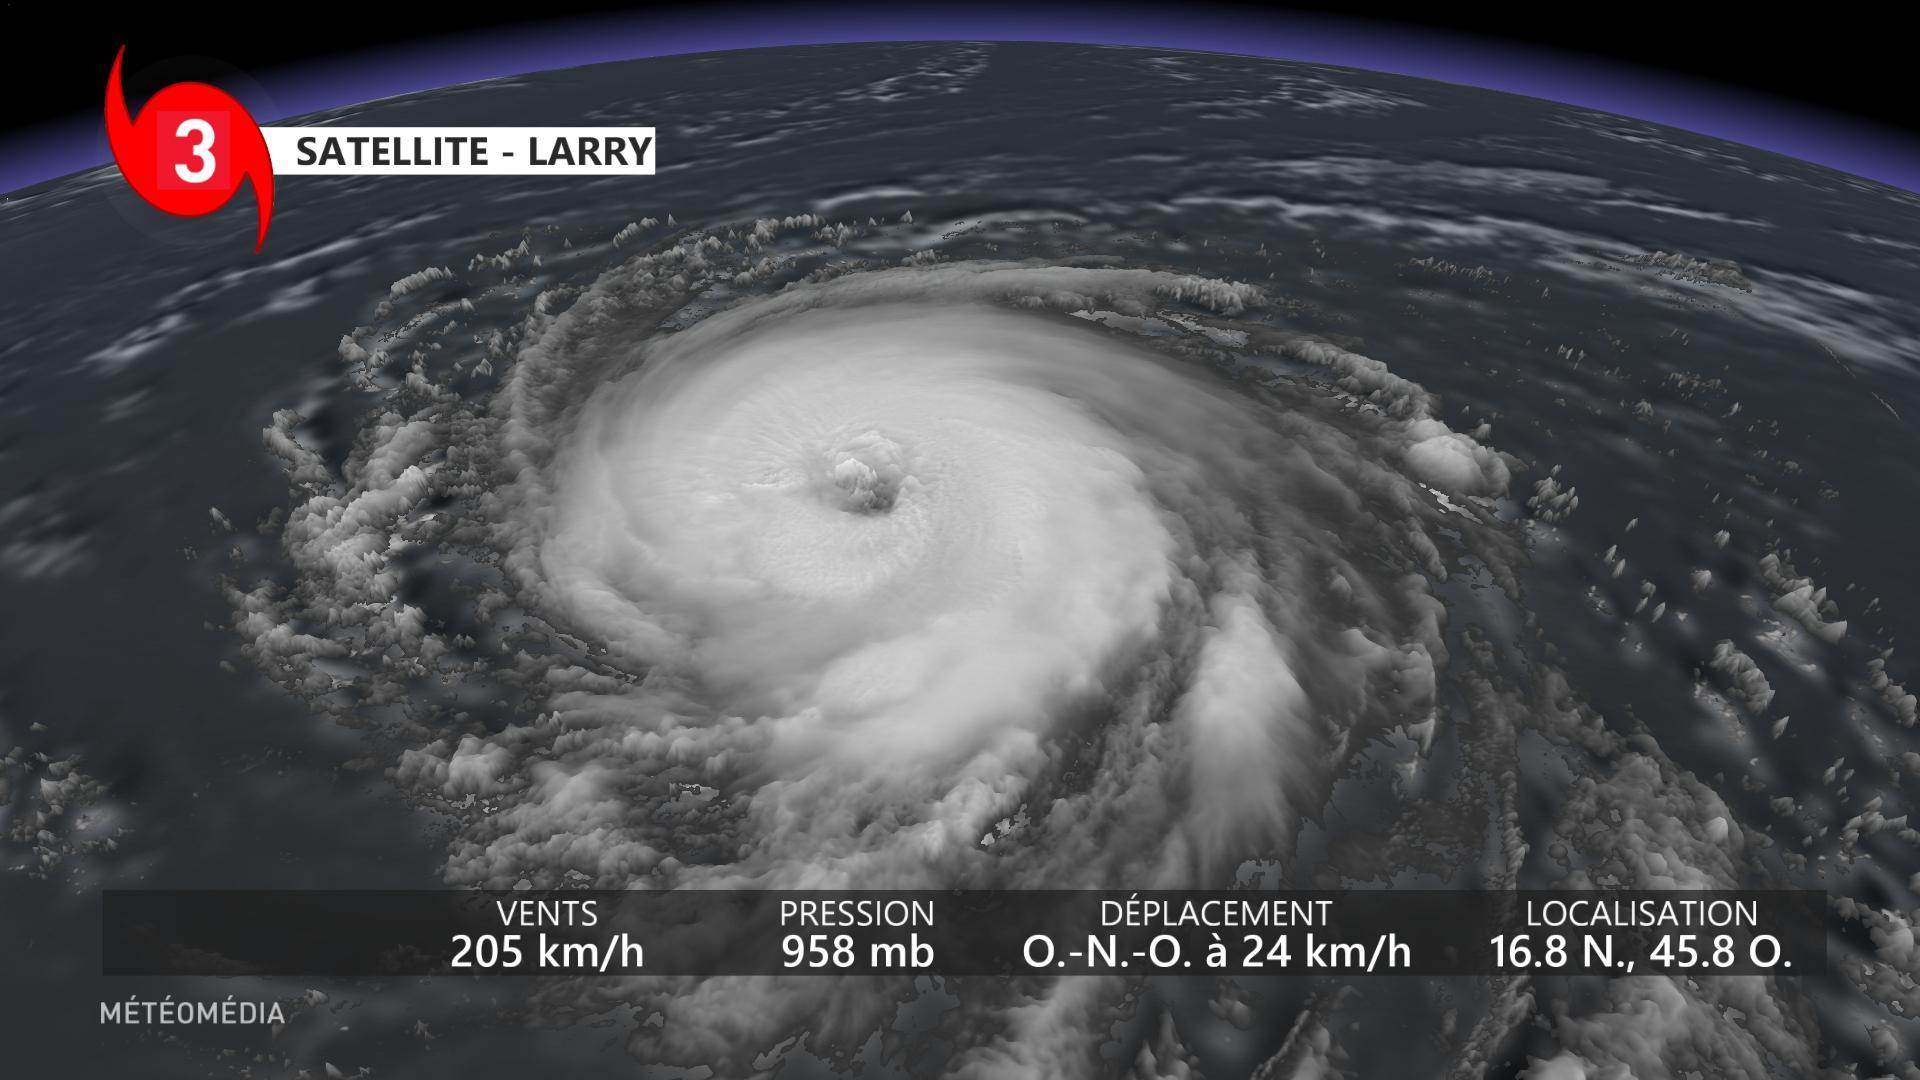 Larry Hurricane Major (1)